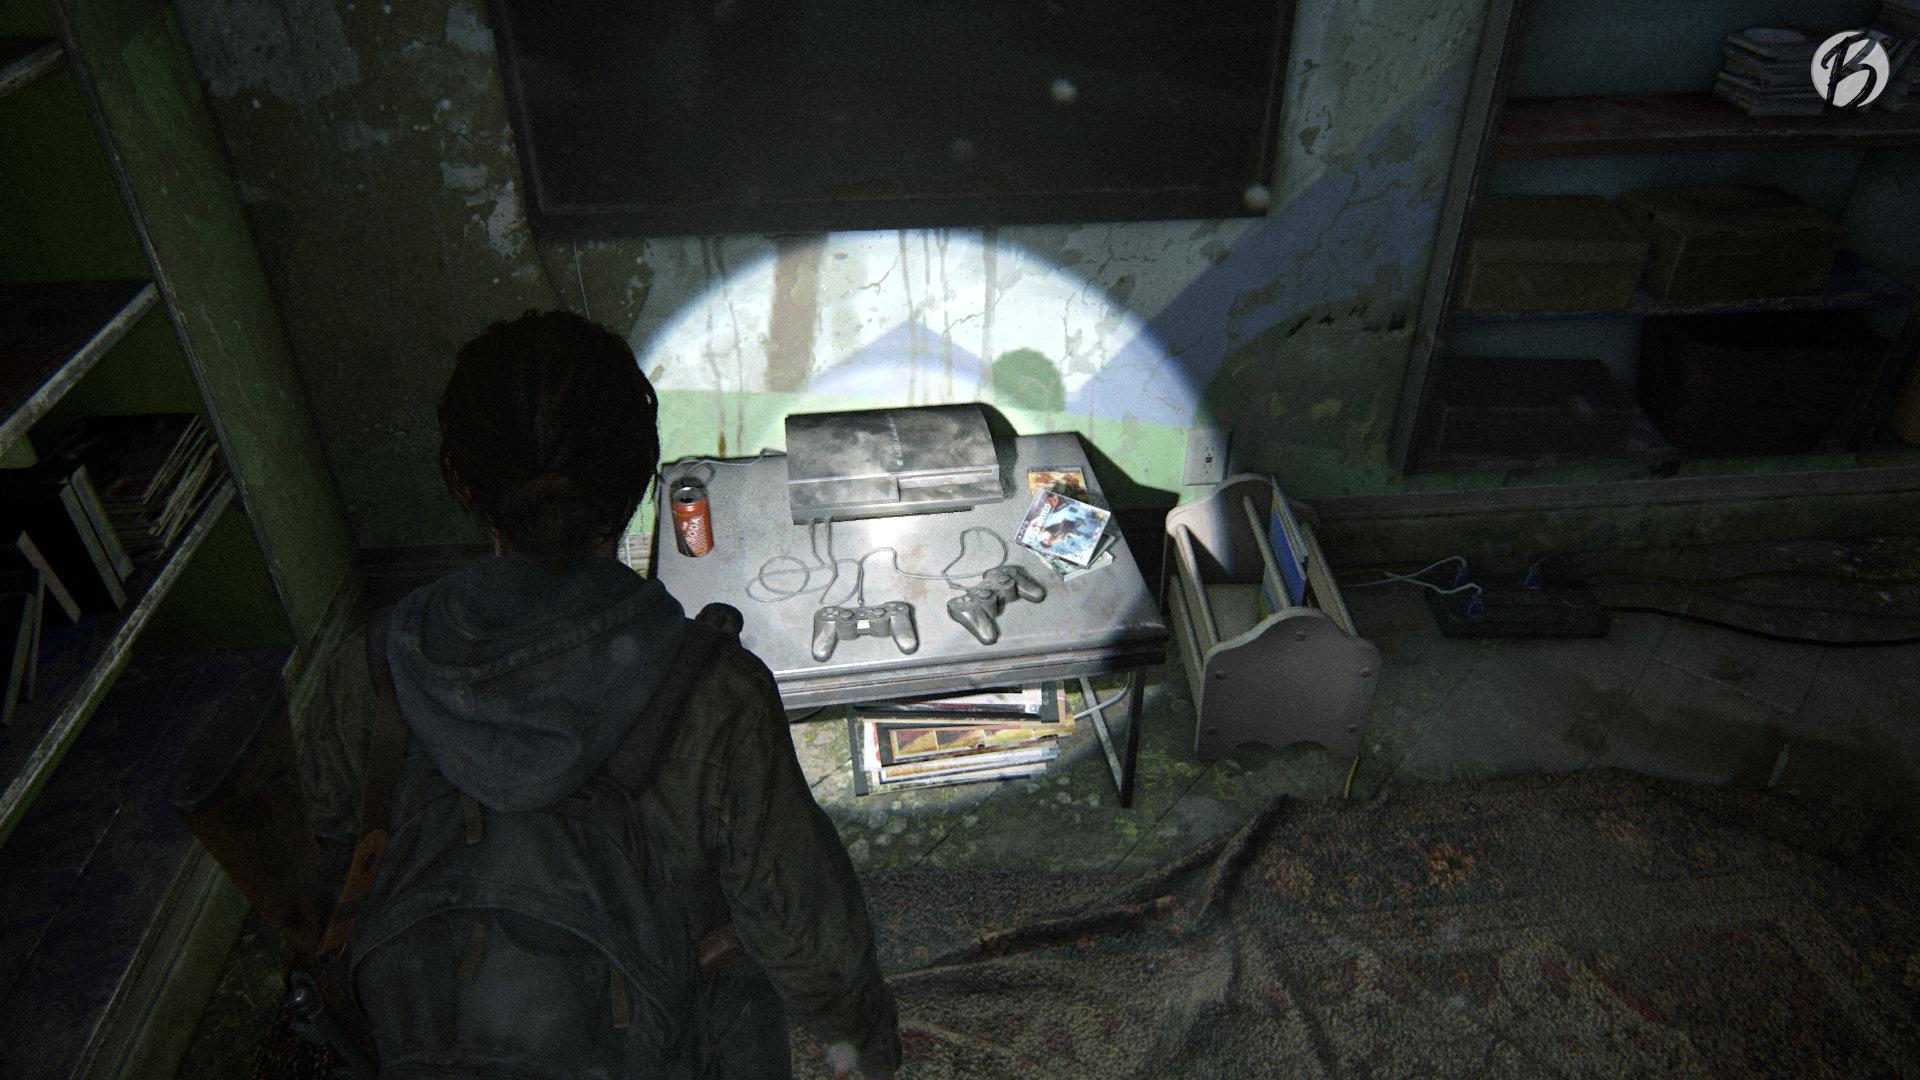 The Last of Us Part II - Erstes PlayStation 3 Modell inklusive der Jak and Daxter Collection und den beiden ersten Teilen von Uncharted.